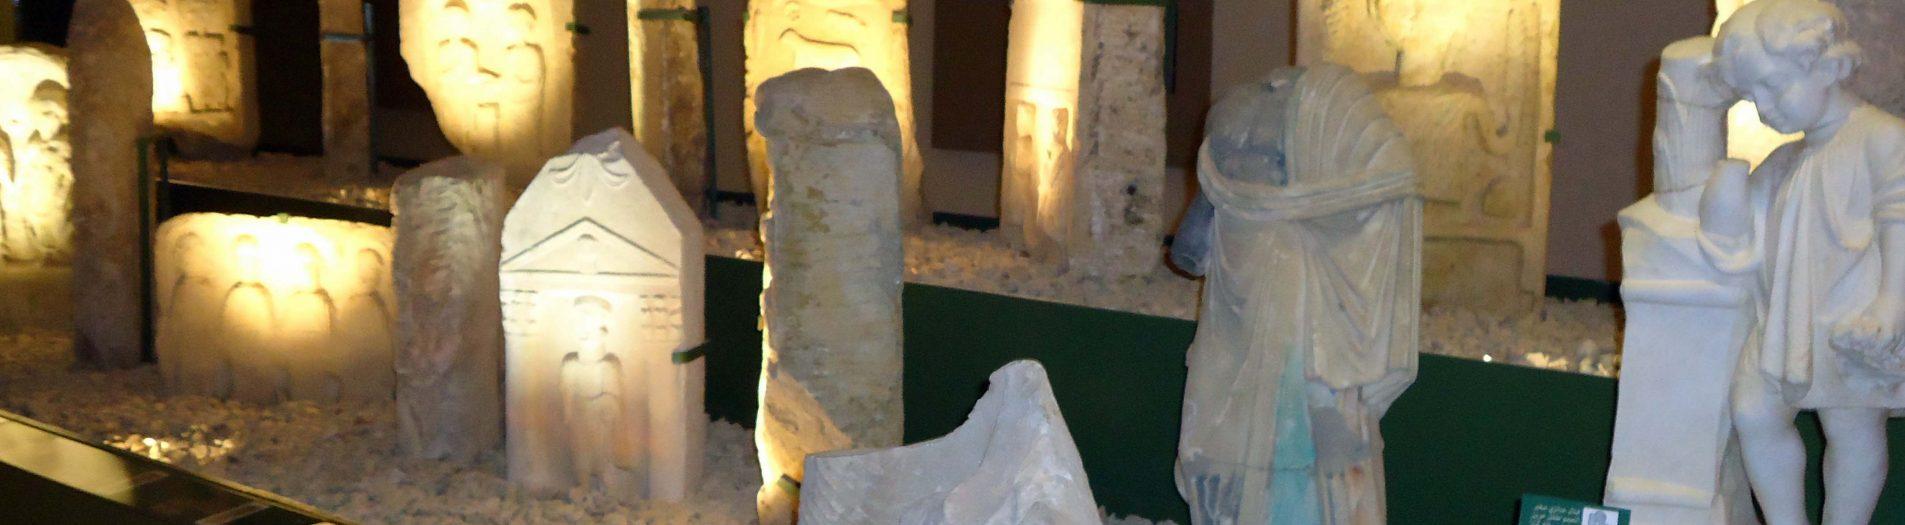 Visite virtuelle de l'exposition « Patrimoine spolié, patrimoine récupéré »